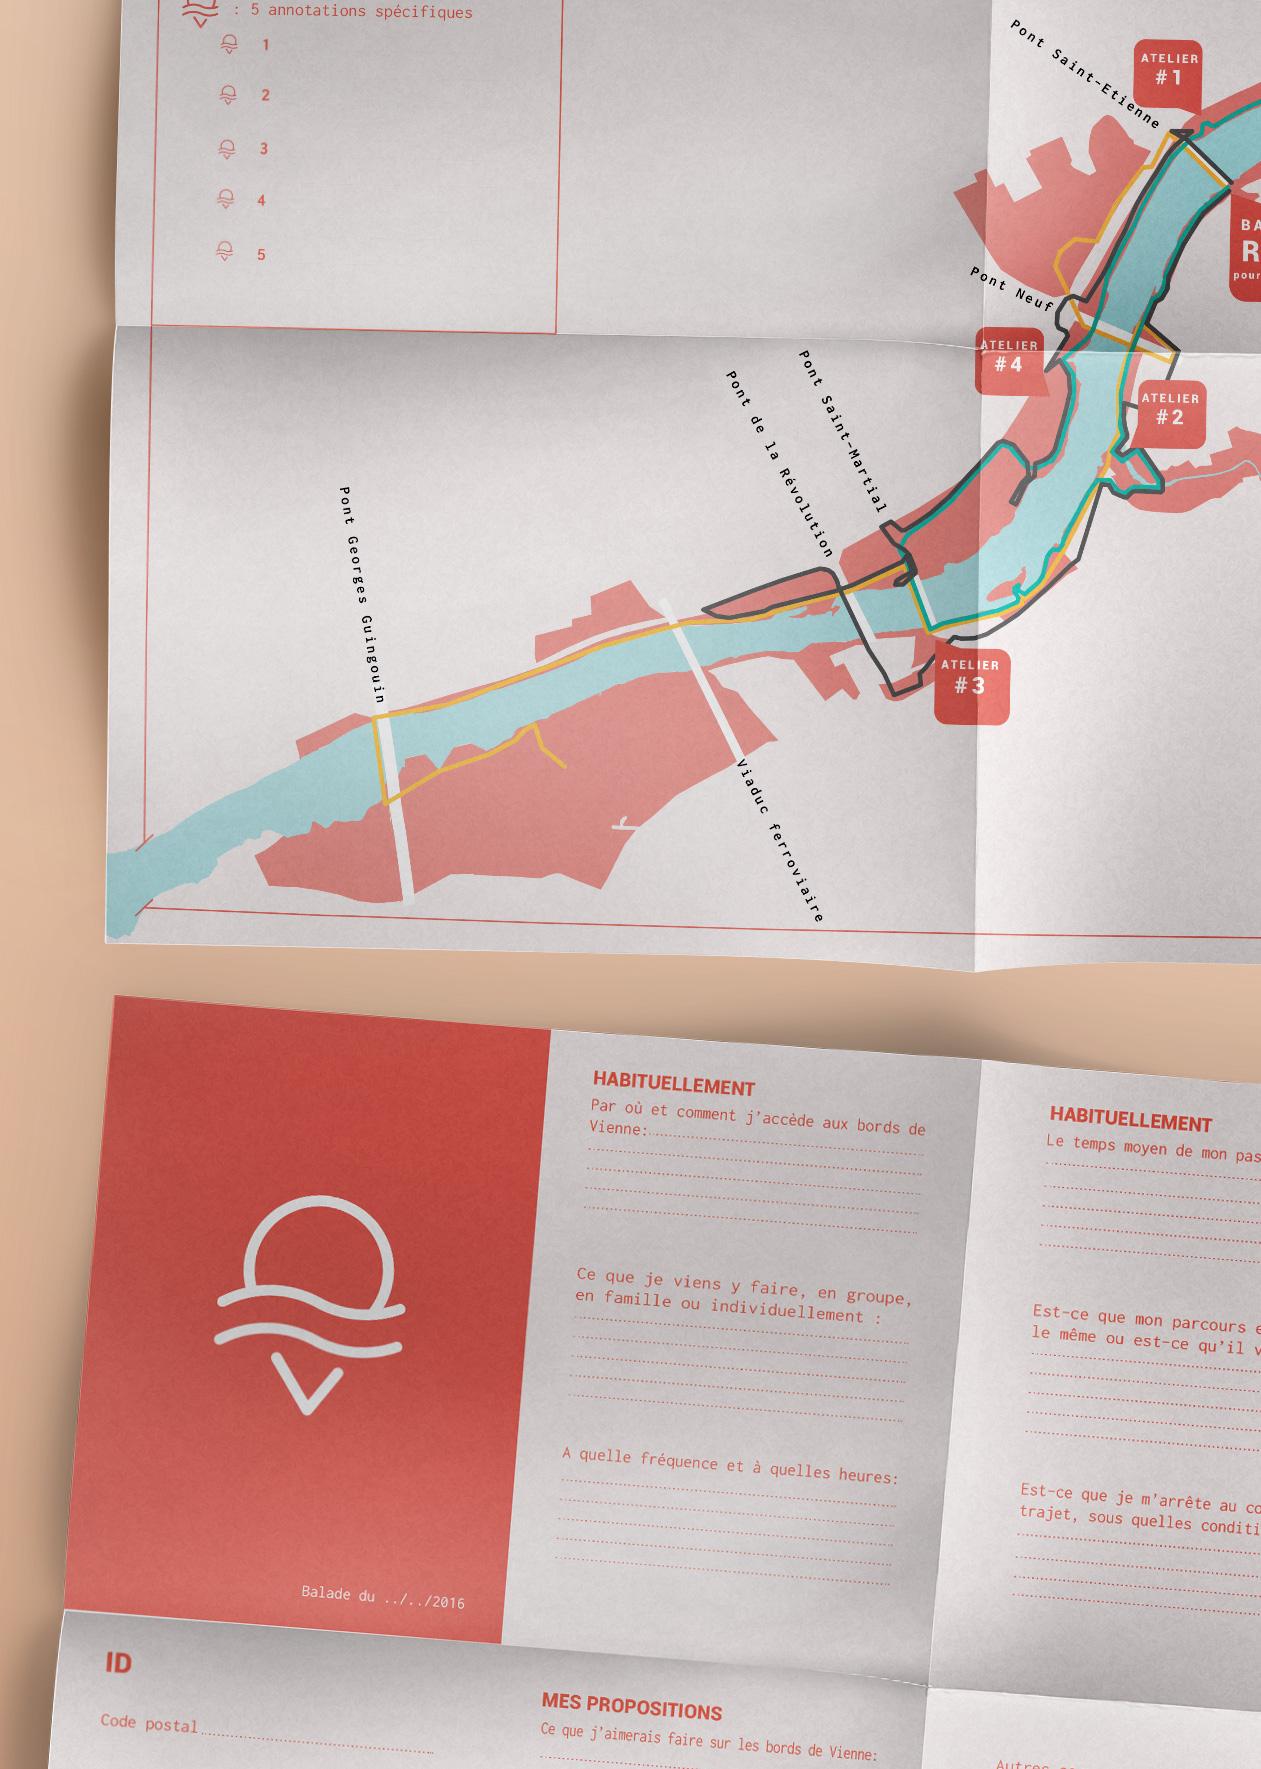 Vue rapprochée des cartes mises à disposition des participants aux ateliers et aux balades